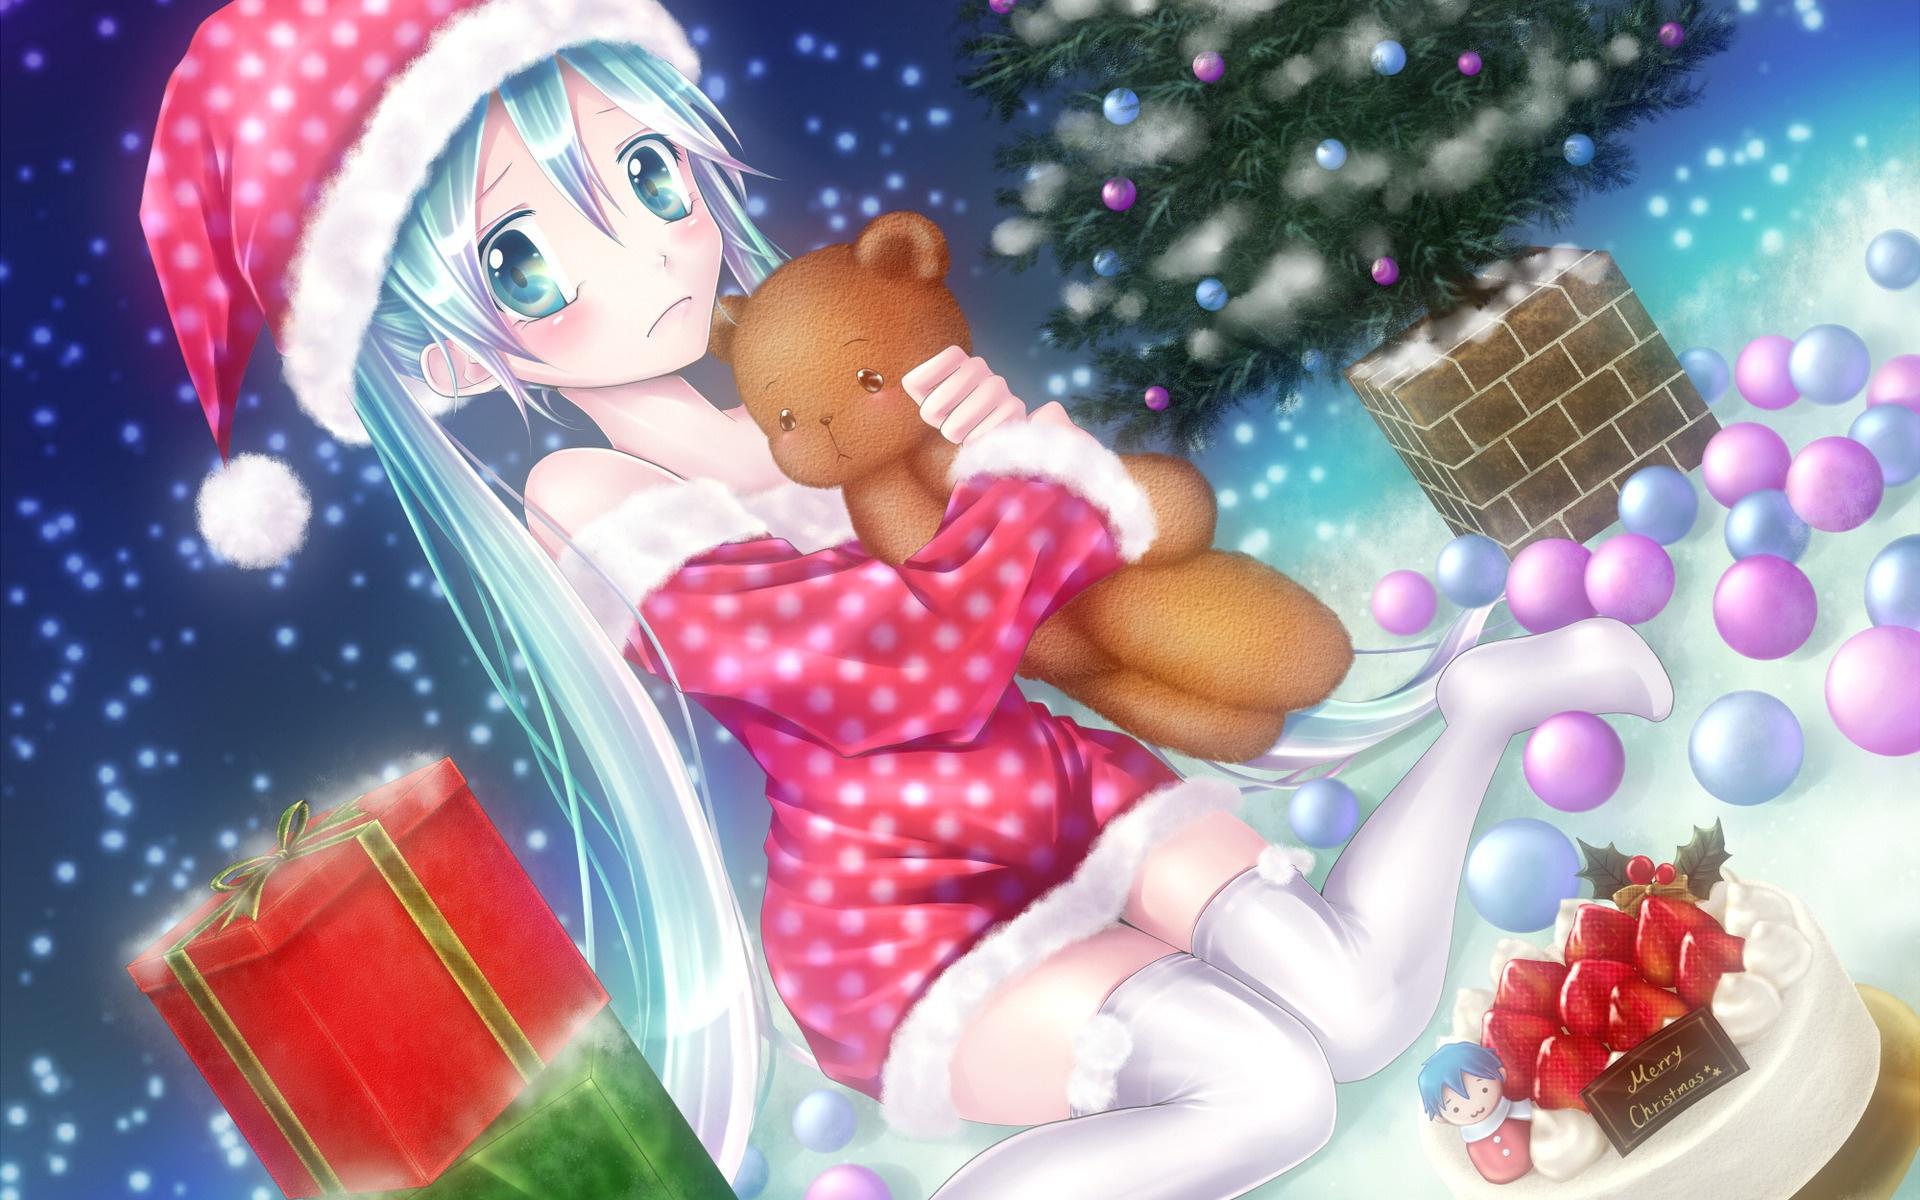 Anime Christmas Wallpaper.Wallpaper Anime Girl On The Christmas Eve 1920x1200 Hd